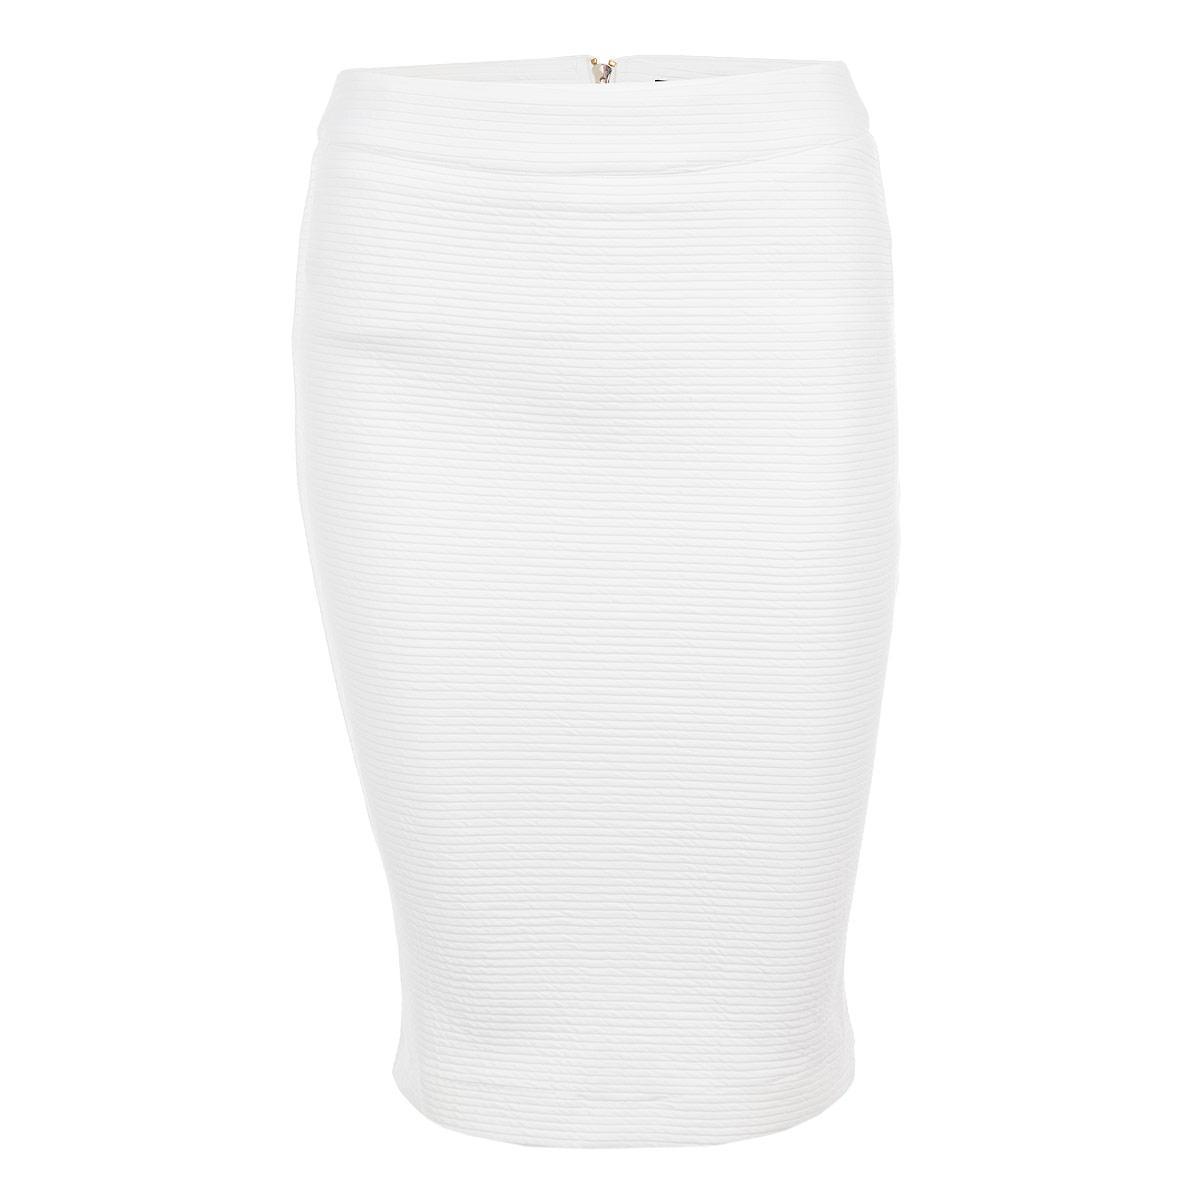 Юбка. SSD0805BISSD0805BIЯркая юбка Top Secret выполнена из высококачественного мягкого полиэстера с добавлением эластана. Стильная юбка застегивается на металлическую застежку-молнию сзади, которая является не только функциональным, но и декоративным элементом. Для большего комфорта, юбка оснащена мягким подъюбником из легкой струящейся ткани. Юбка-карандаш, оформленная оригинальными рельефными полосками, подчеркнет ваш силуэт и прекрасно подойдет к любому наряду. Стильная юбка выгодно освежит и разнообразит любой гардероб. Создайте женственный образ и подчеркните свою яркую индивидуальность!